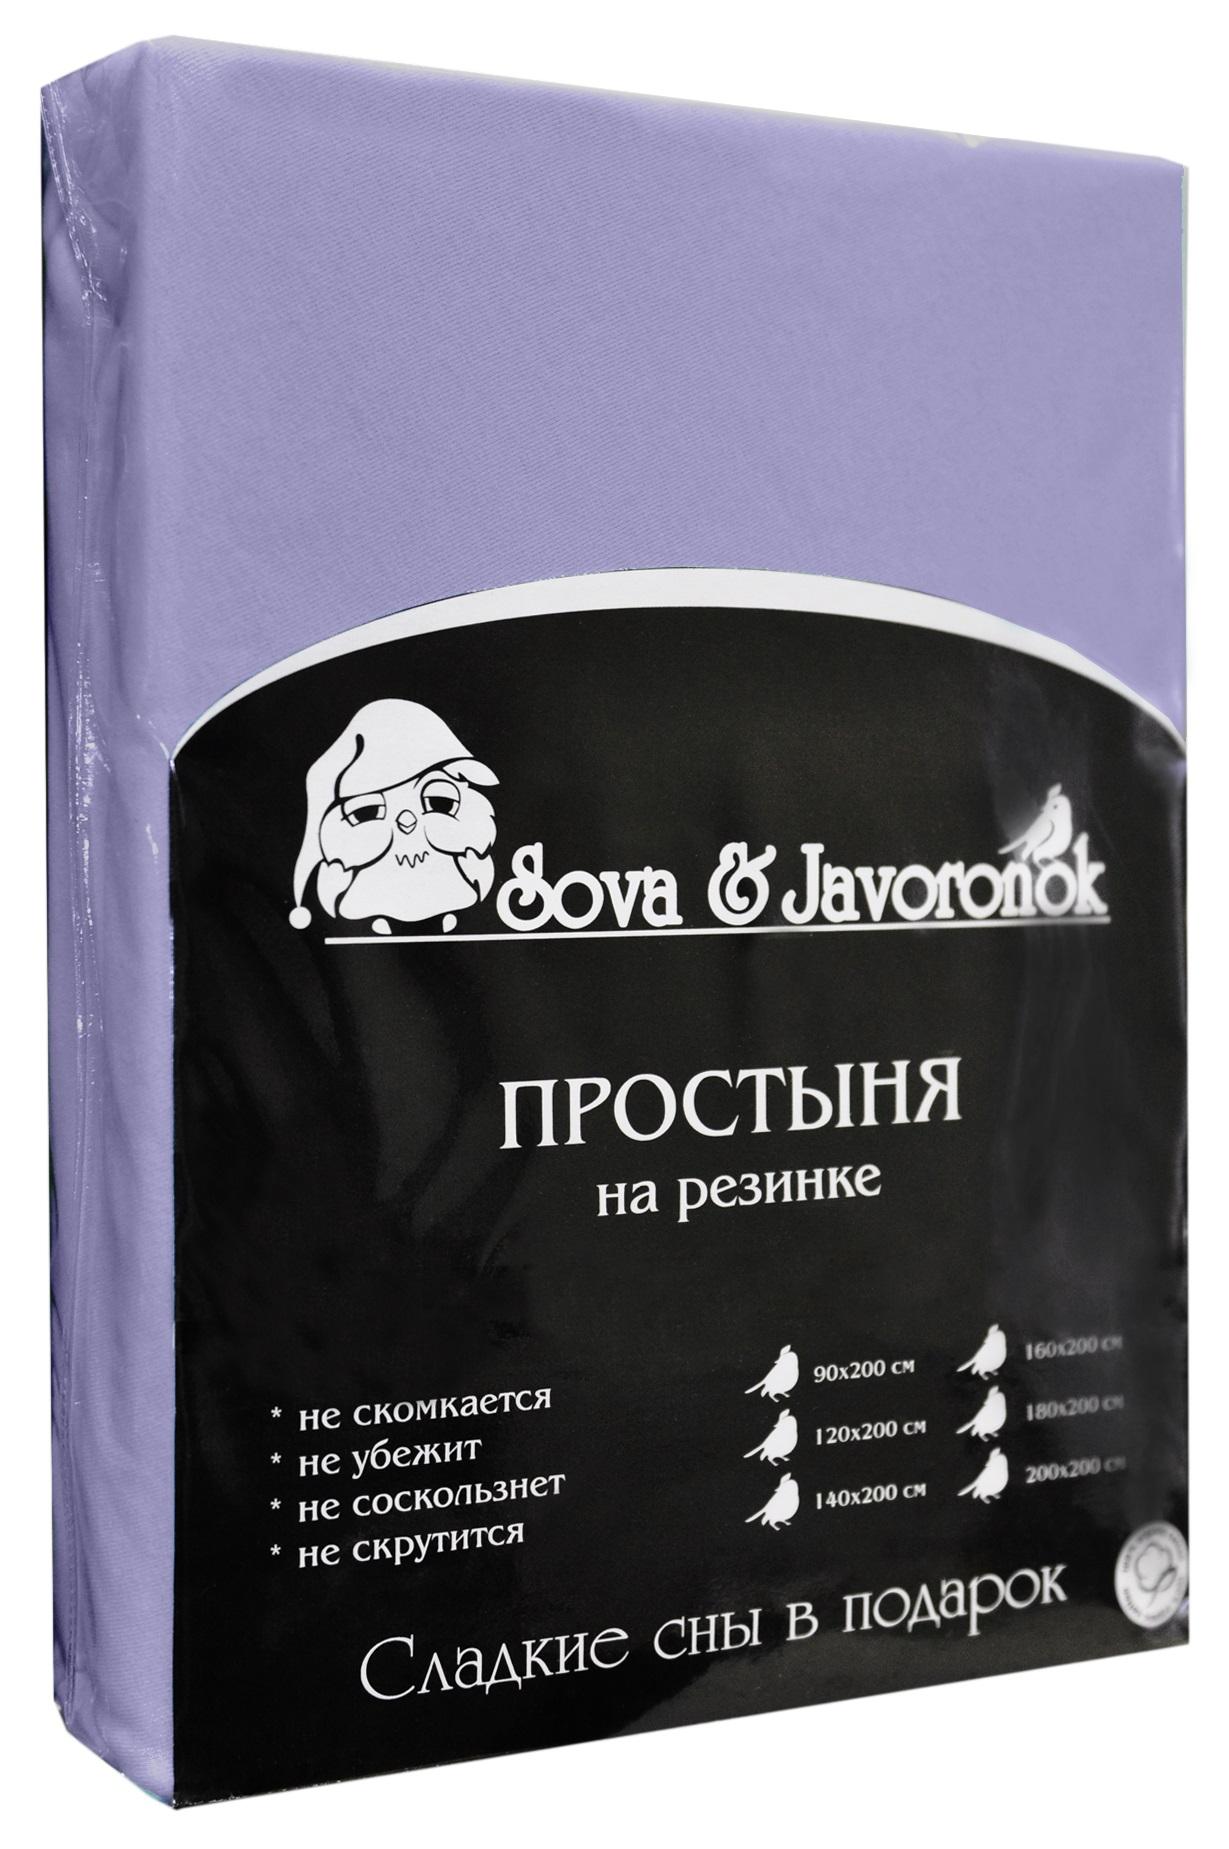 Простыня на резинке Sova & Javoronok, цвет: фиолетовый, 200 см х 200 смТ-ПР-3019Простыня на резинке Sova & Javoronok, изготовленная из трикотажной ткани (100% хлопок), будет превосходно смотреться с любыми комплектами белья. Хлопчатобумажный трикотаж по праву считается одним из самых качественных, прочных и при этом приятных на ощупь. Его гигиеничность позволяет использовать простыню и в детских комнатах, к тому же 100%-ый хлопок в составе ткани не вызовет аллергии. У трикотажного полотна очень интересная структура, немного рыхлая за счет отсутствия плотного переплетения нитей и наличия особых петель, благодаря этому простыня Сова и Жаворонок отлично пропускает воздух и способствует его постоянной циркуляции. Поэтому ваша постель будет всегда оставаться свежей. Но главное и, пожалуй, самое известное свойство трикотажа - это его великолепная растяжимость, поэтому эта ткань и была выбрана для натяжной простыни на резинке.Простыня прошита резинкой по всему периметру, что обеспечивает более комфортный отдых, так как она прочно удерживается на матрасе и избавляет от необходимости часто поправлять простыню.